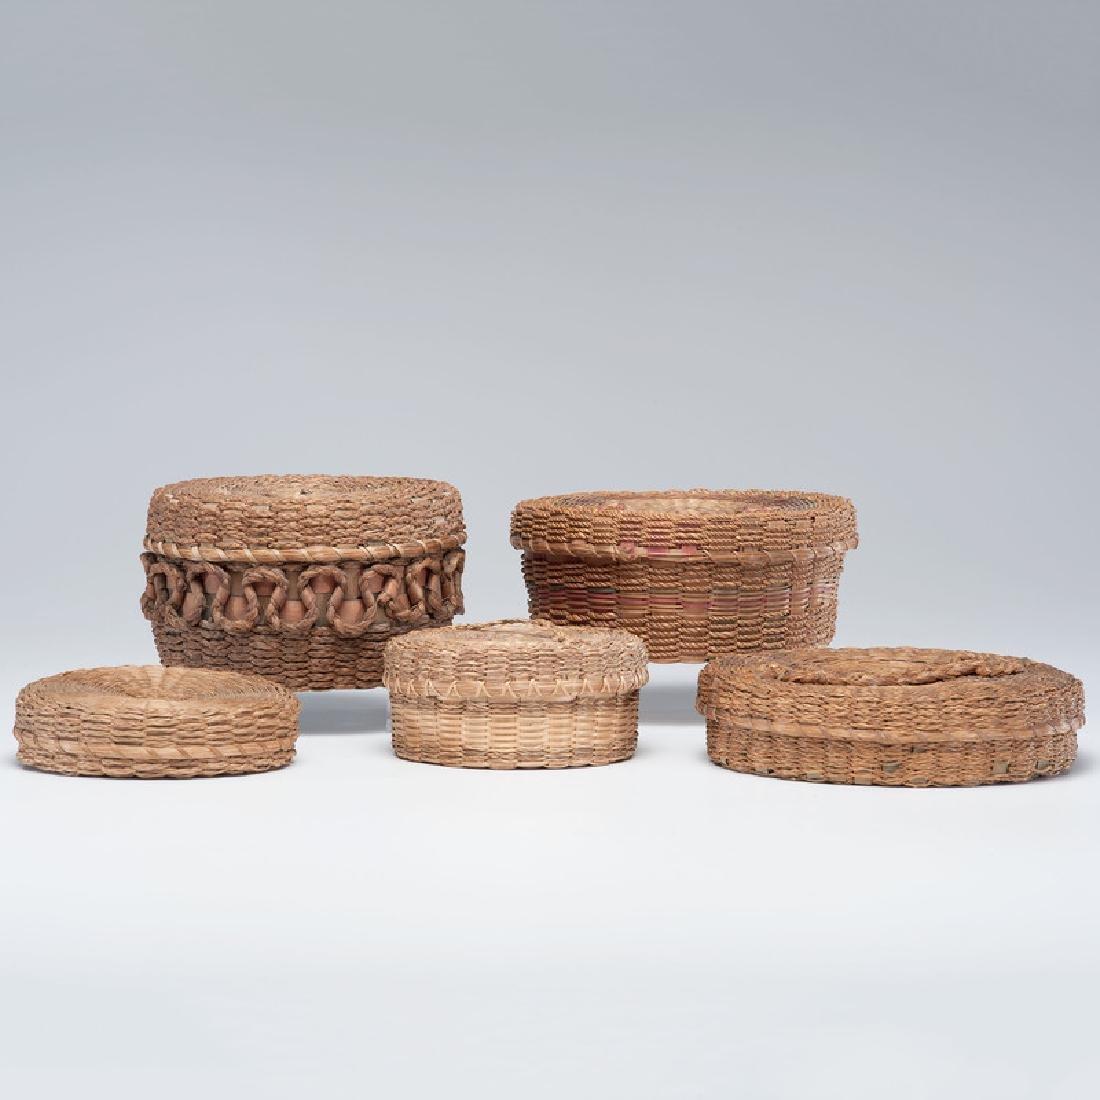 Mohawk Sweet Grass Craft Baskets